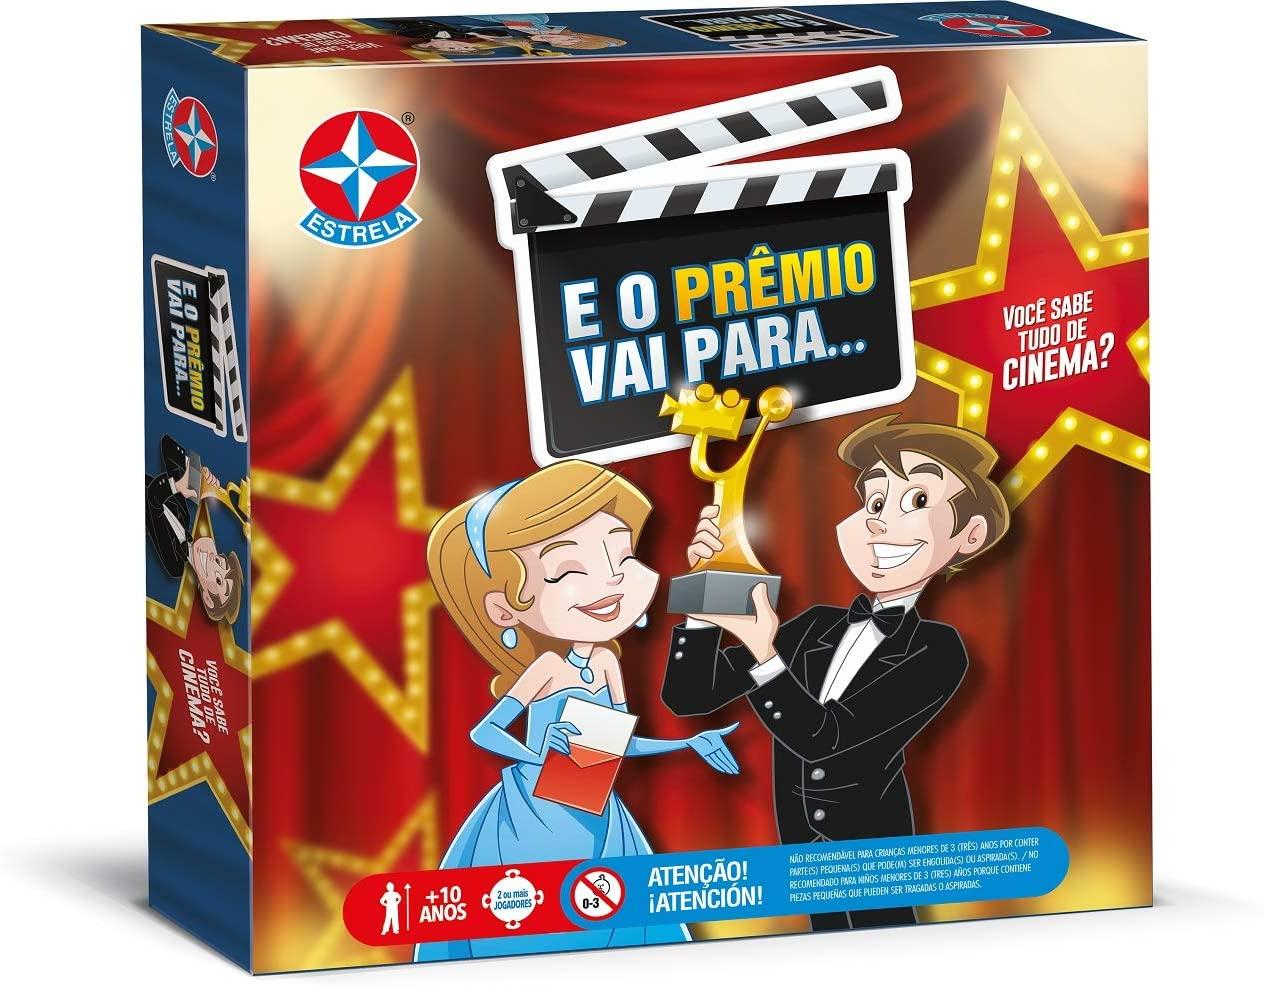 Jogo E O Prêmio Vai Para..., Estrela 0190 (275439)